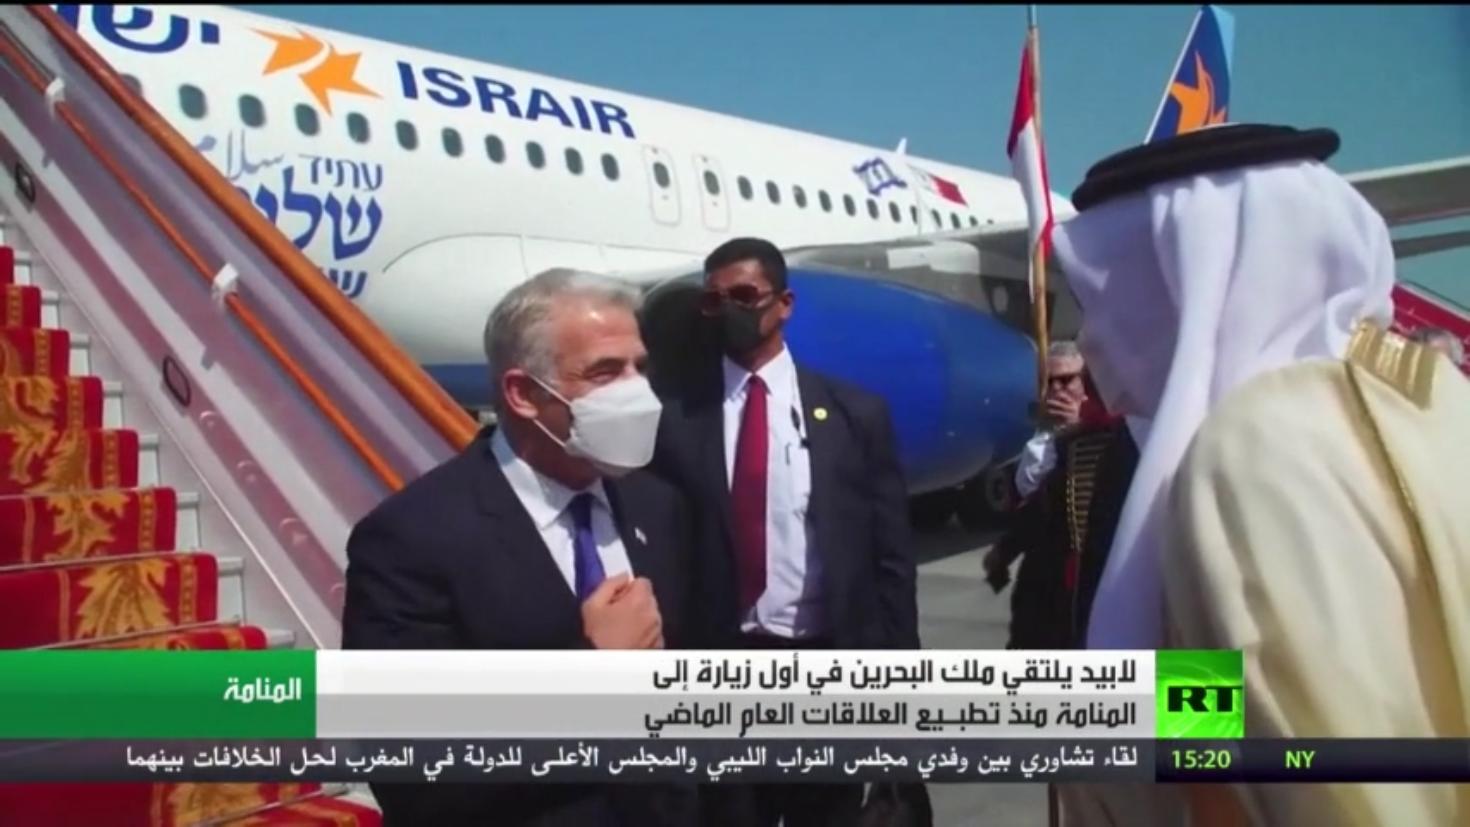 ملك البحرين يستقبل وزير الخارجية الإسرائيلي